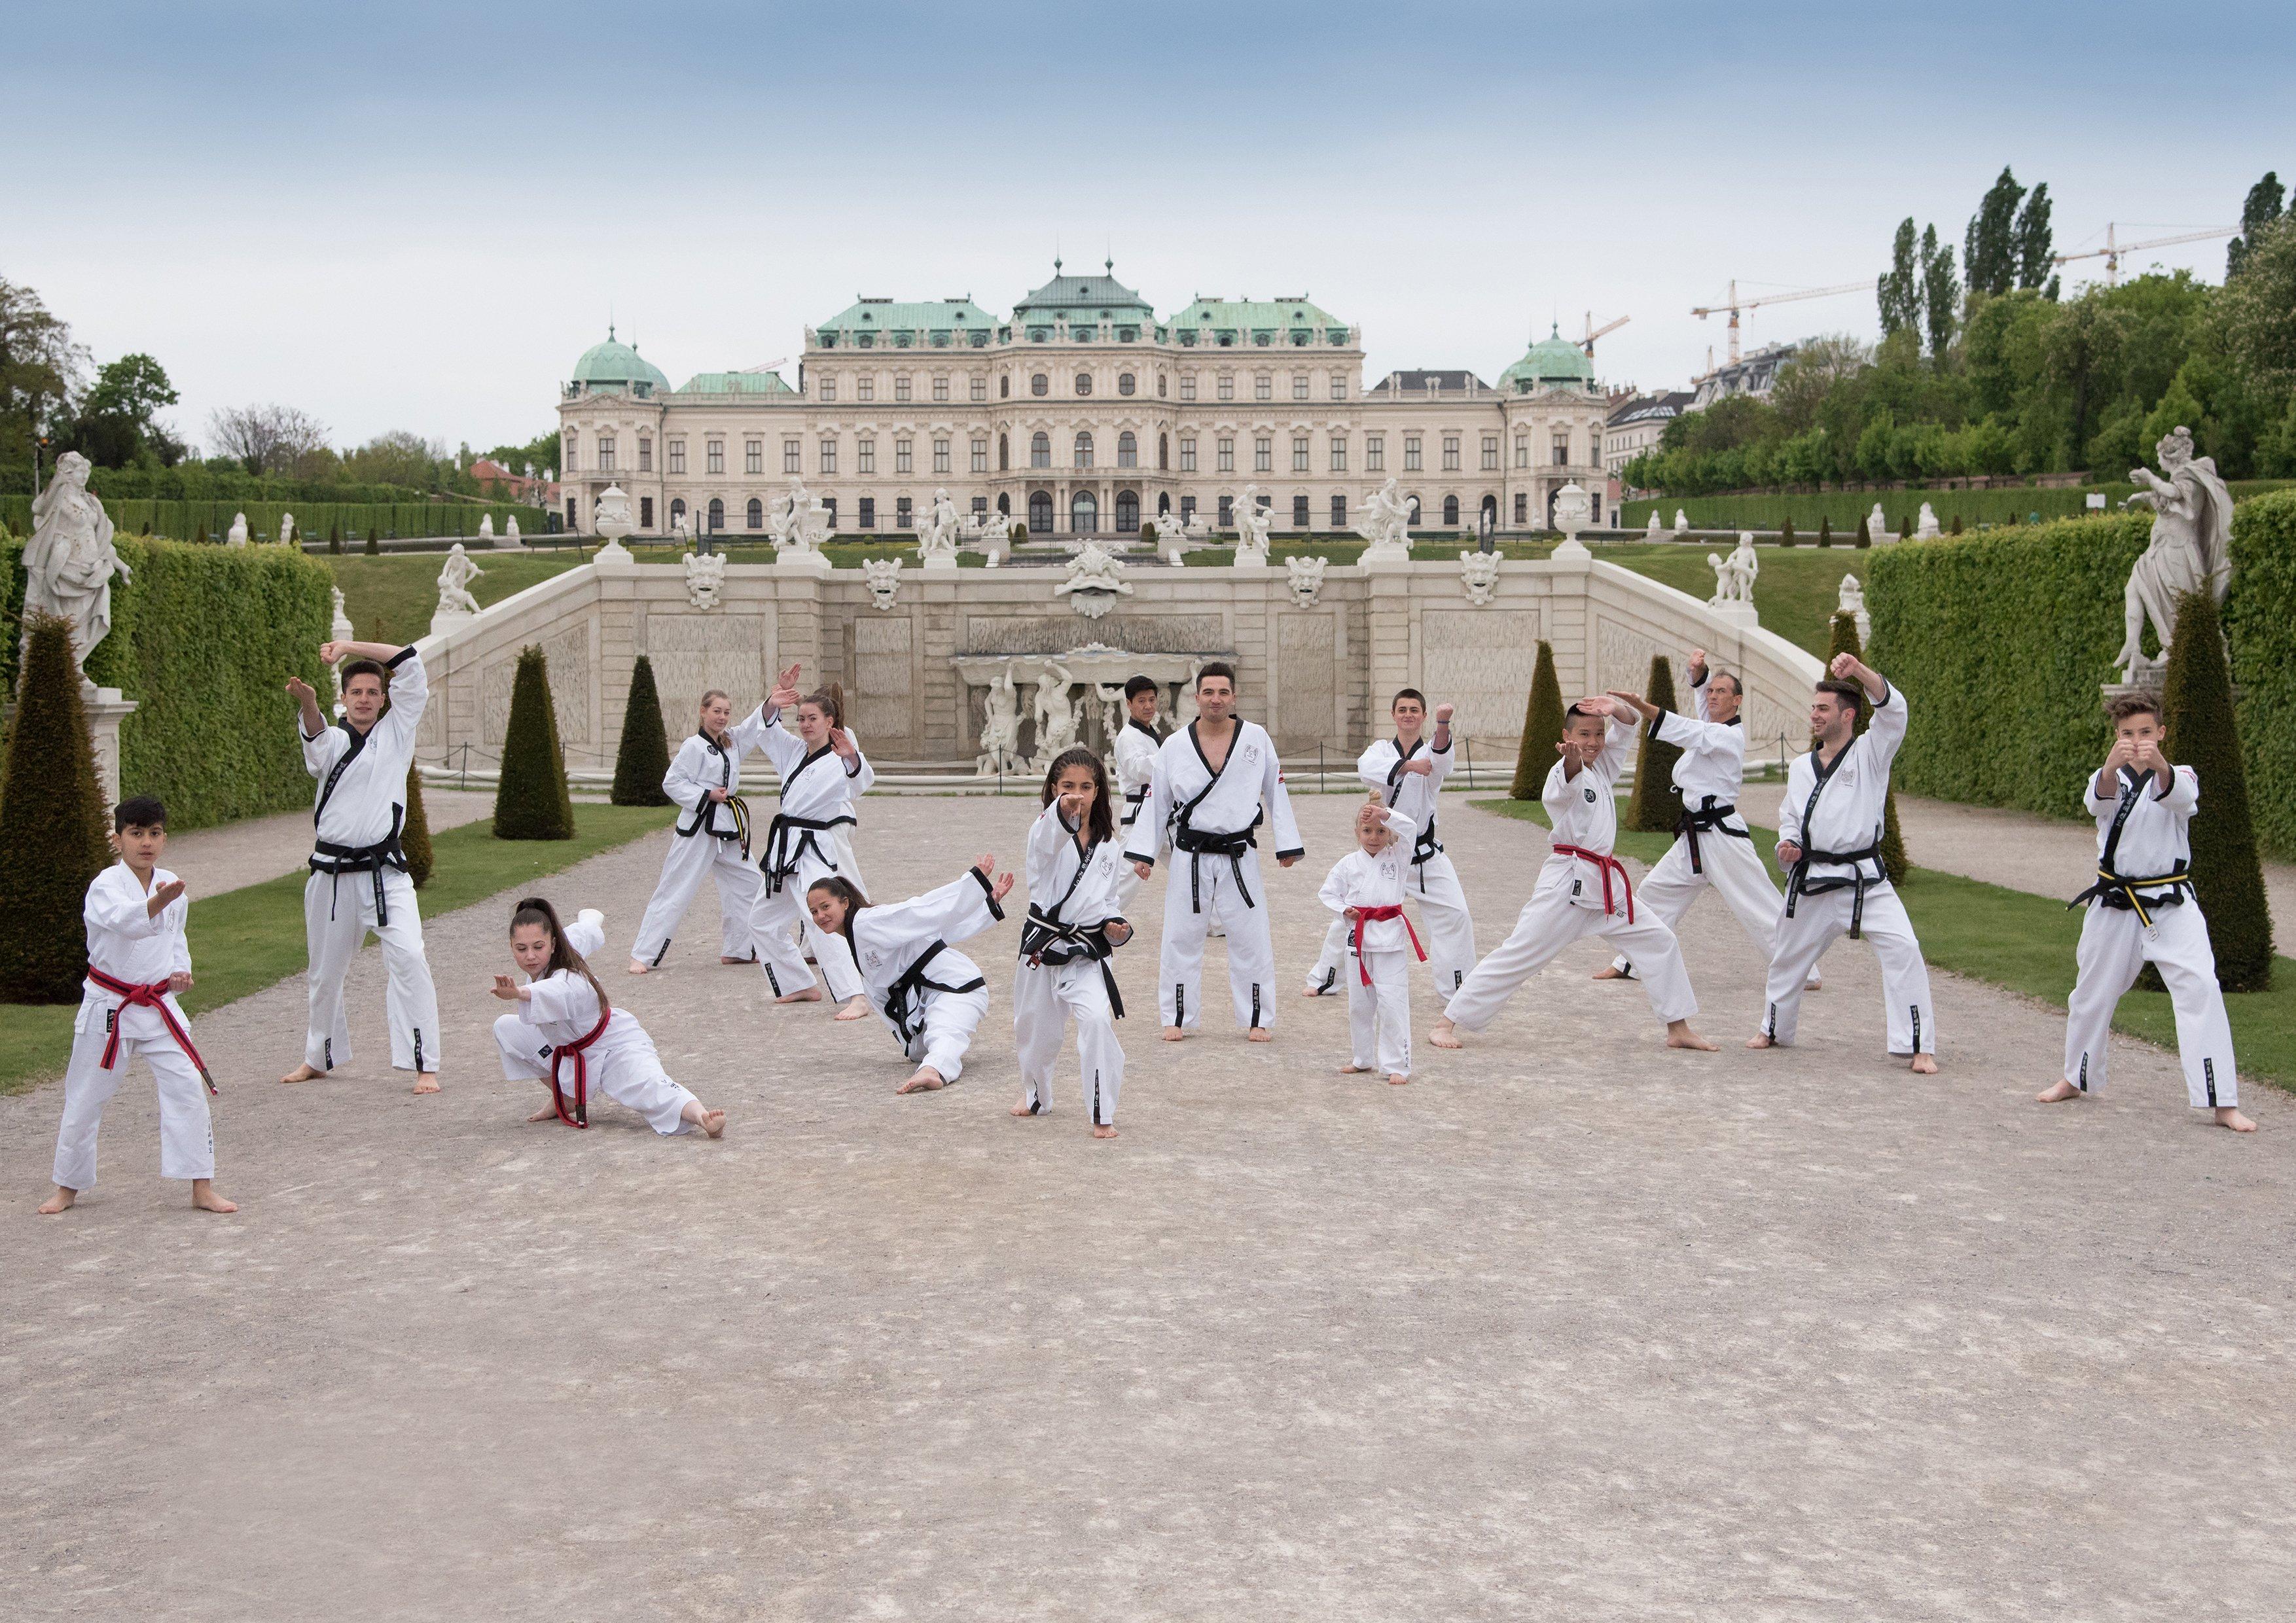 Bild zu Gewinnspiel: 33 Gründe für Taekwondo/Der Gewinner ist...